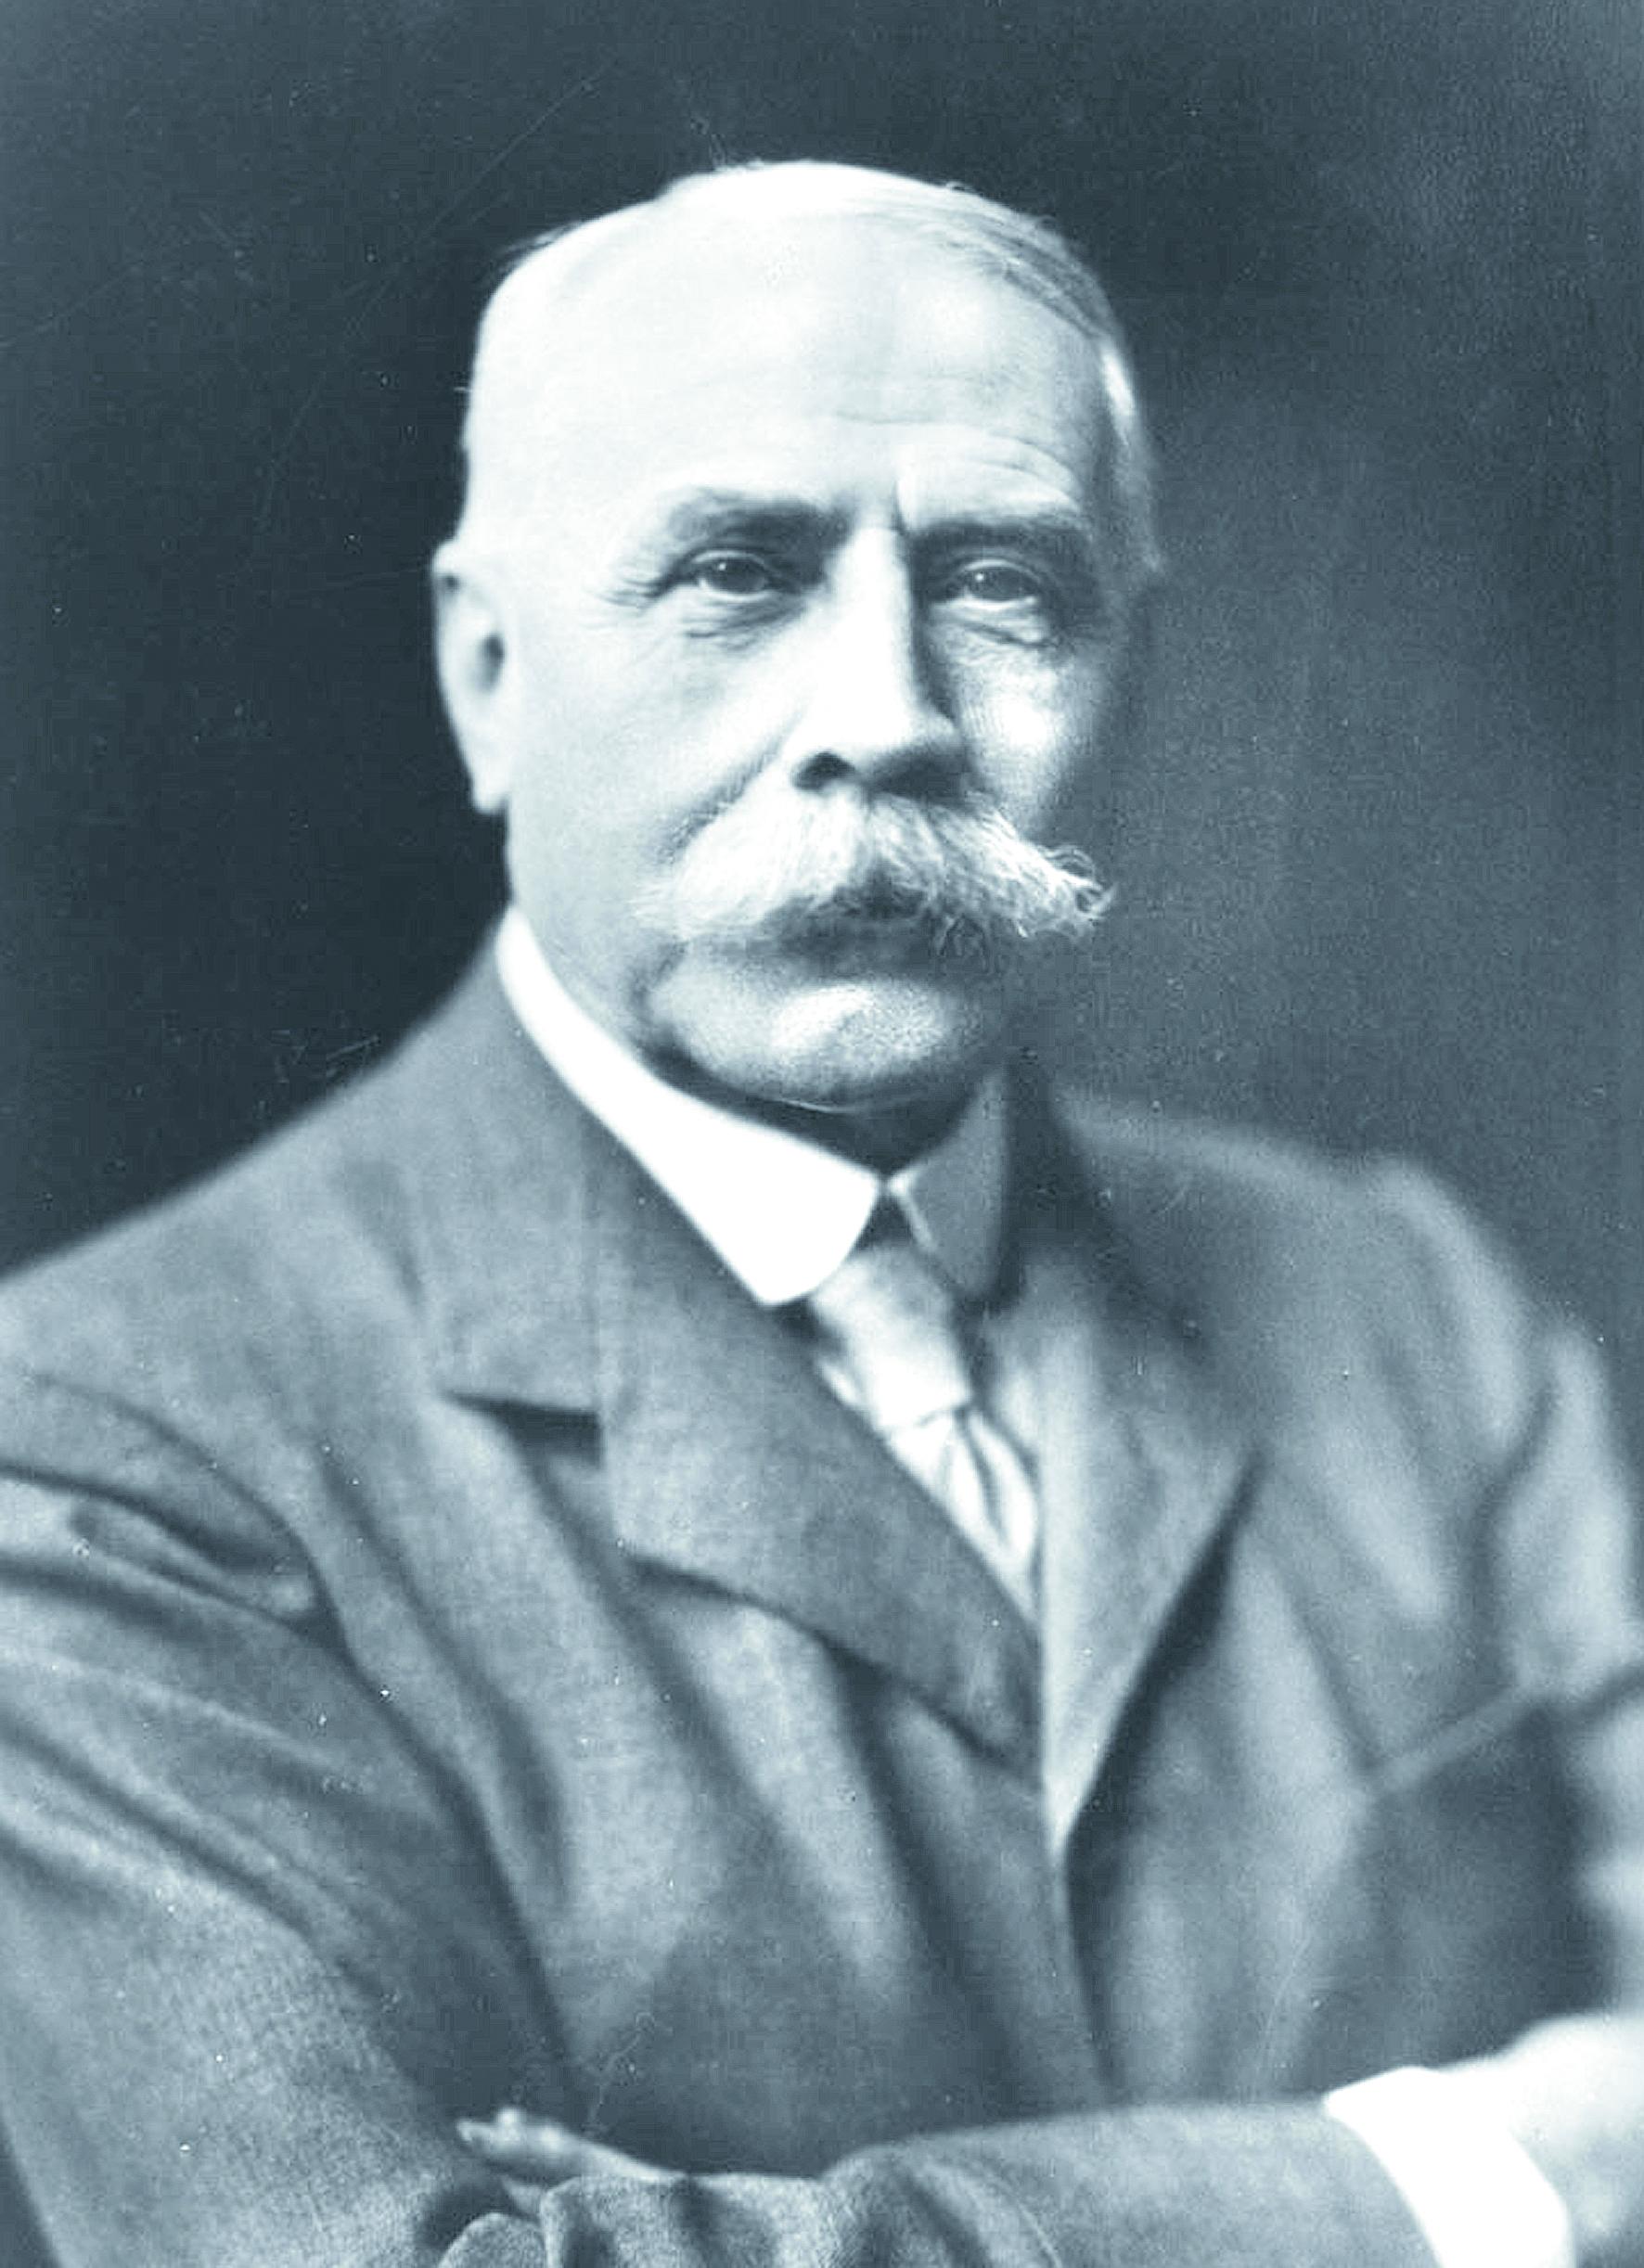 0709 Elgar low res.jpg